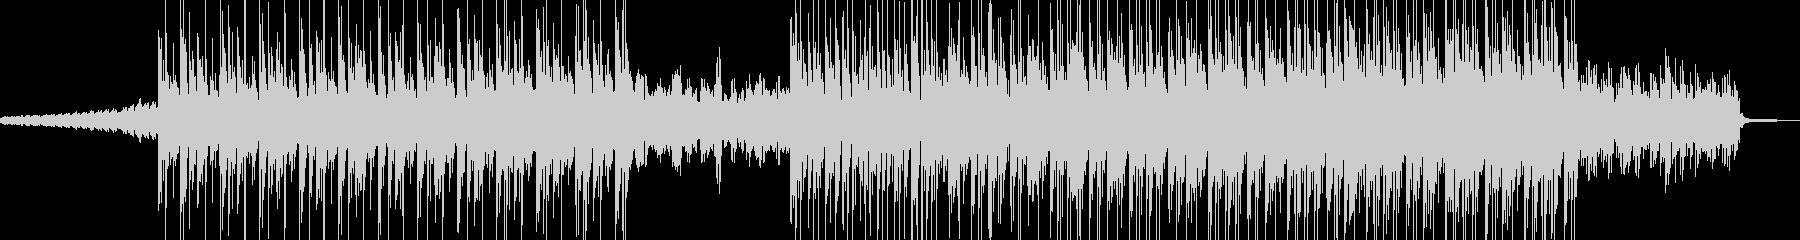 電脳・空想科学的なエレクトロ エレキ無Aの未再生の波形